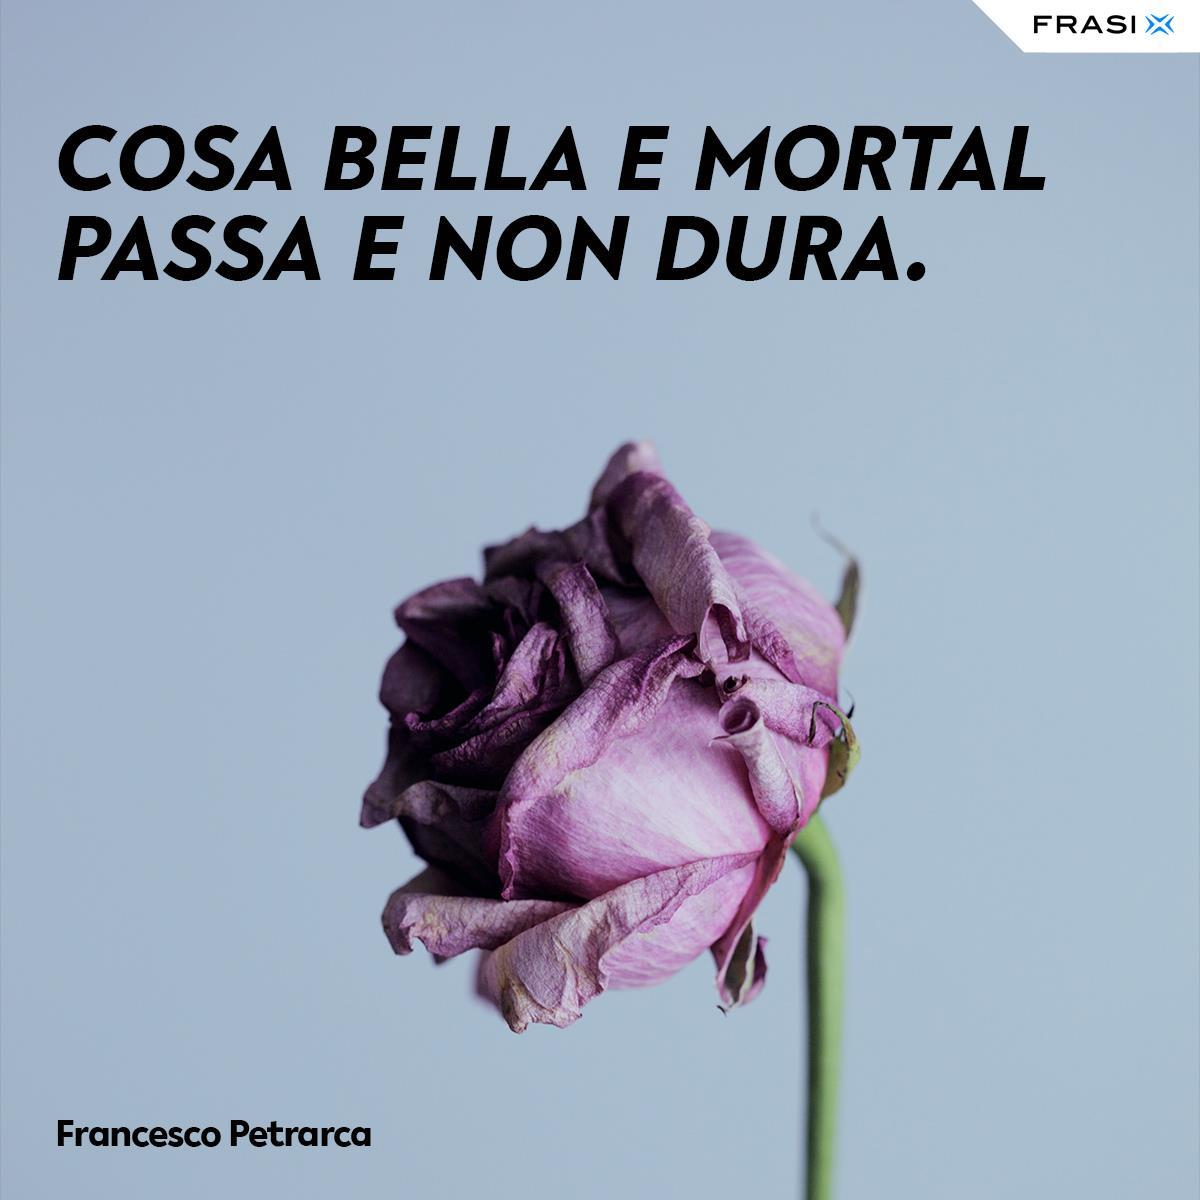 Frasi sul tempo che passa di Francesco Petrarca